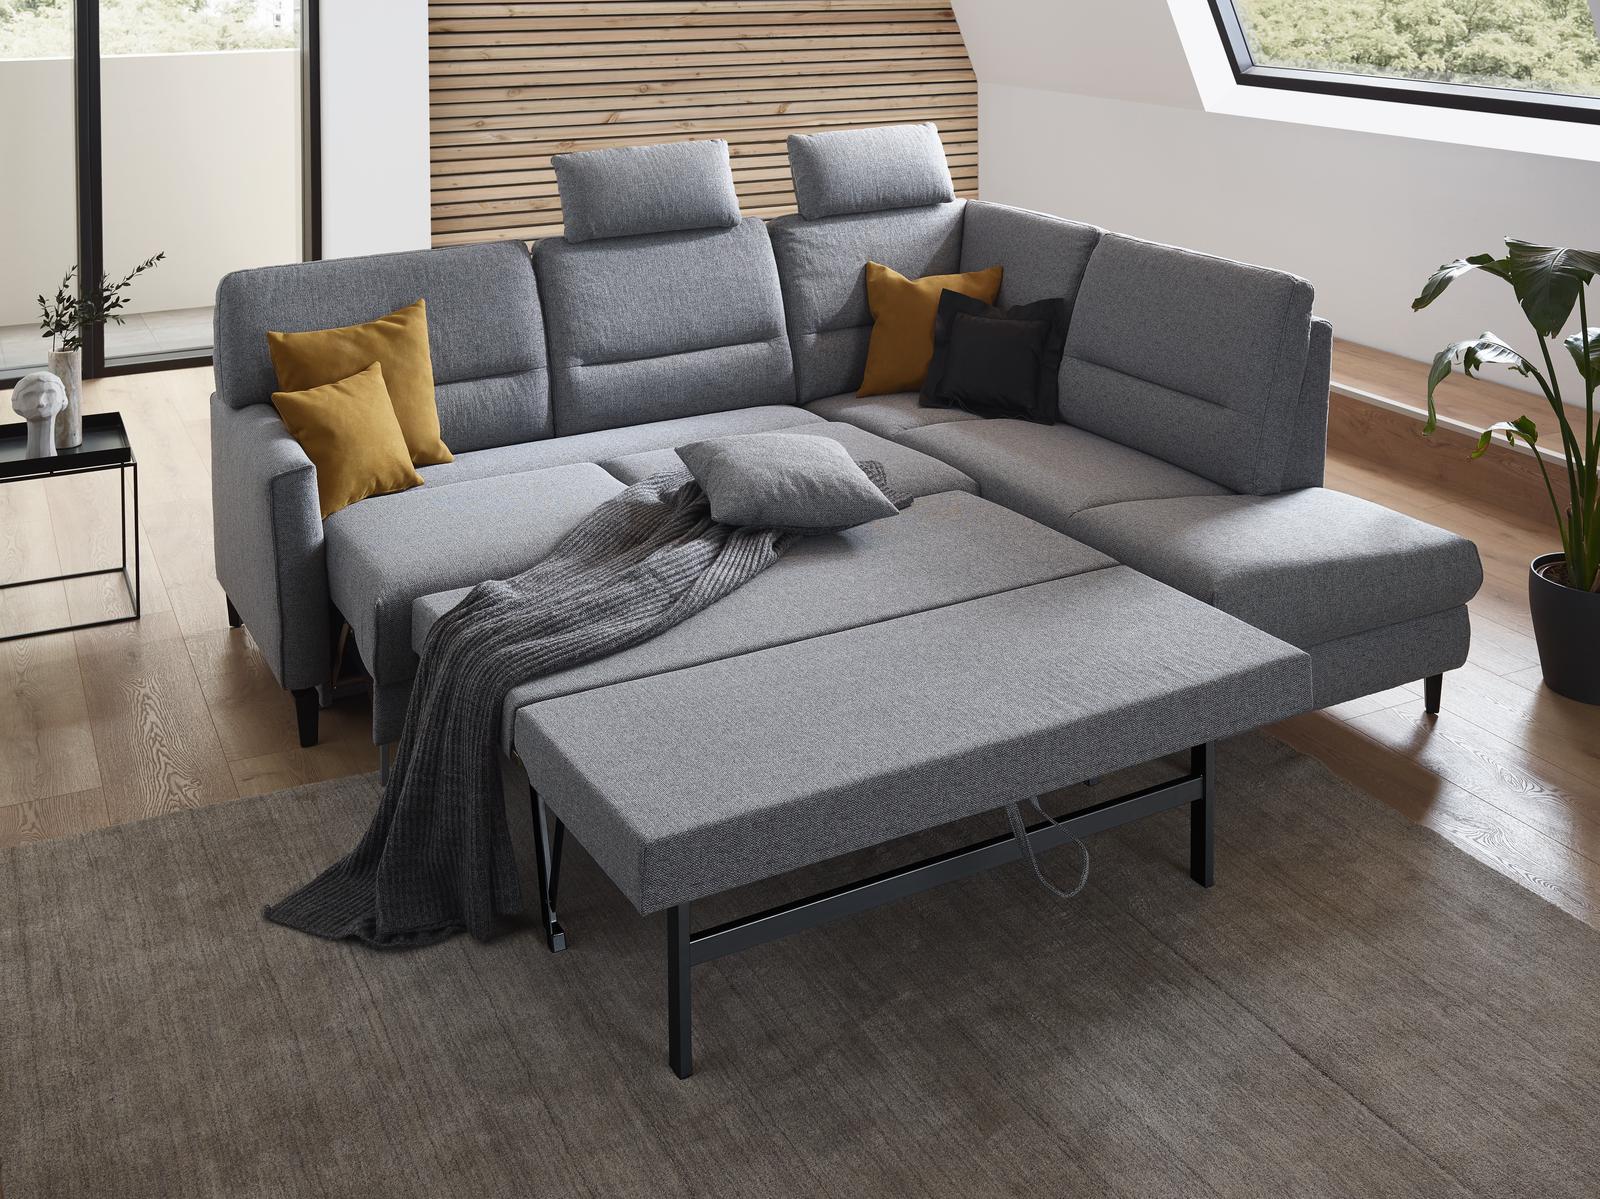 Ecksofa Messina in grauem Stoff mit Schlaffunktion und schwarzen Möbelfüßen.